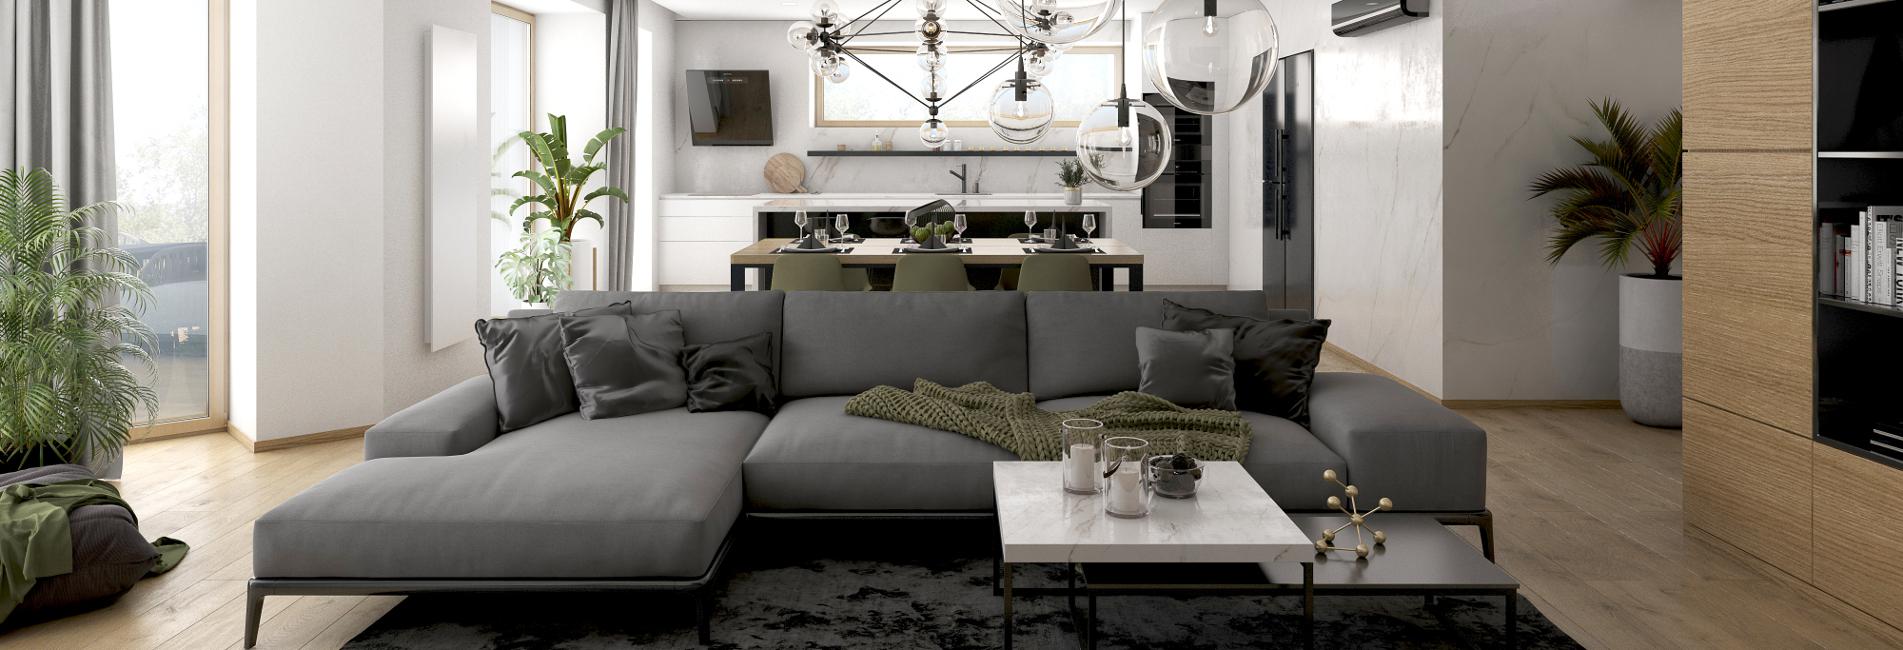 Interior Design Barbora Barathová